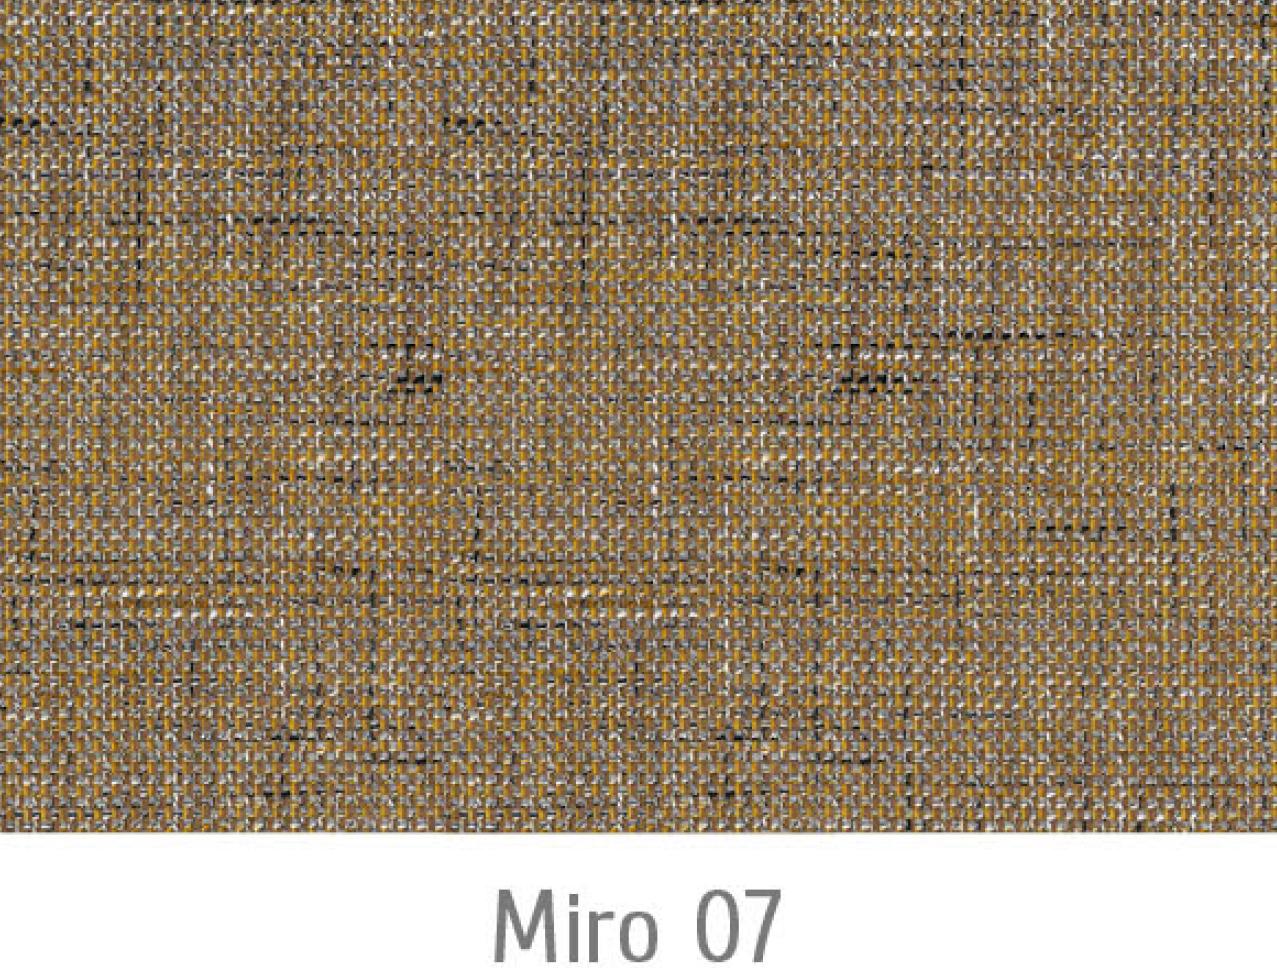 Miro07